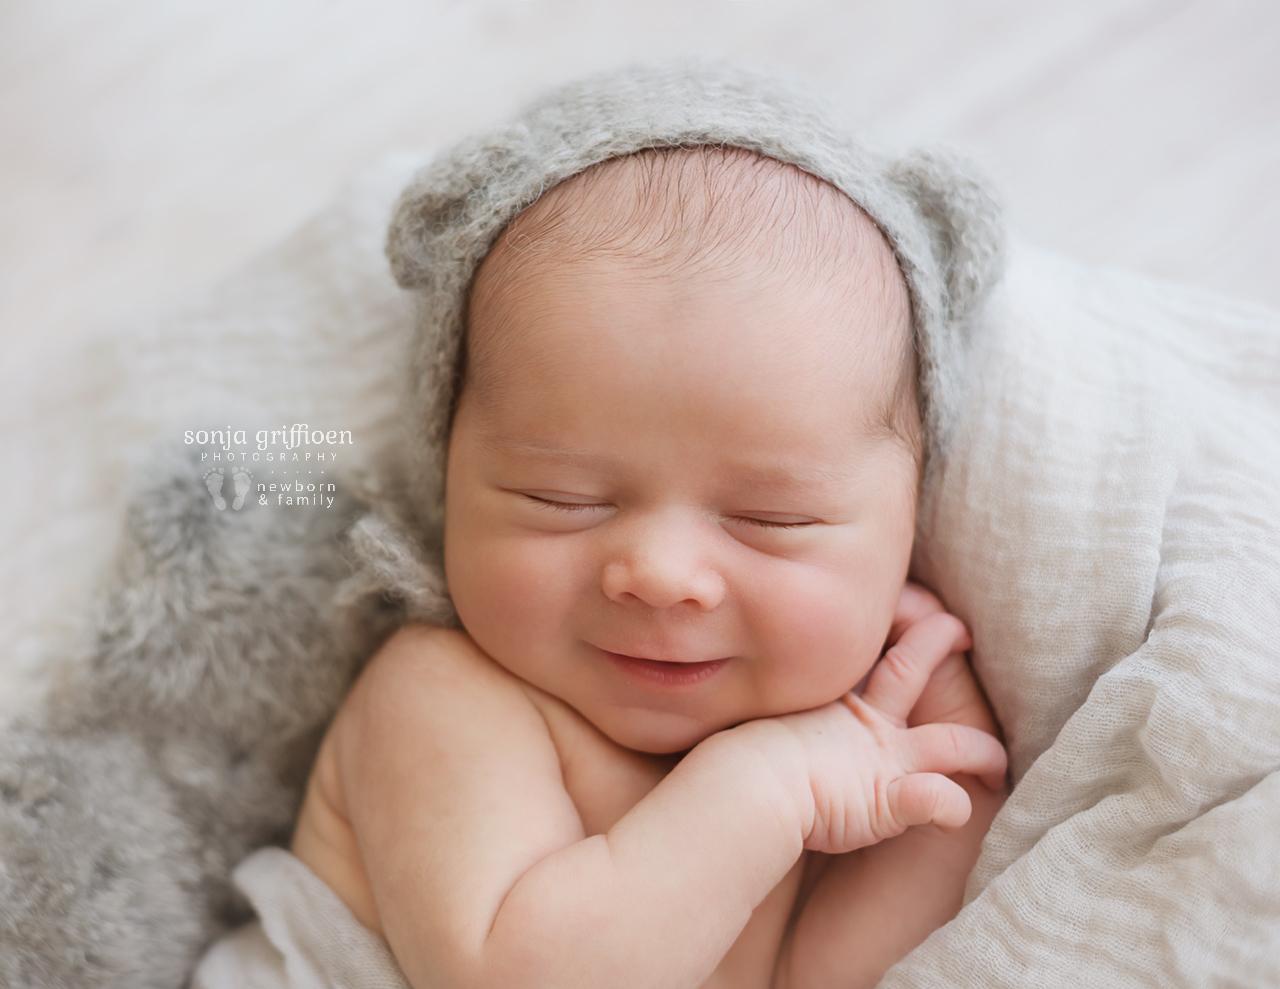 Aaron-Newborn-Brisbane-Newborn-Photographer-Sonja-Griffioen-08.jpg